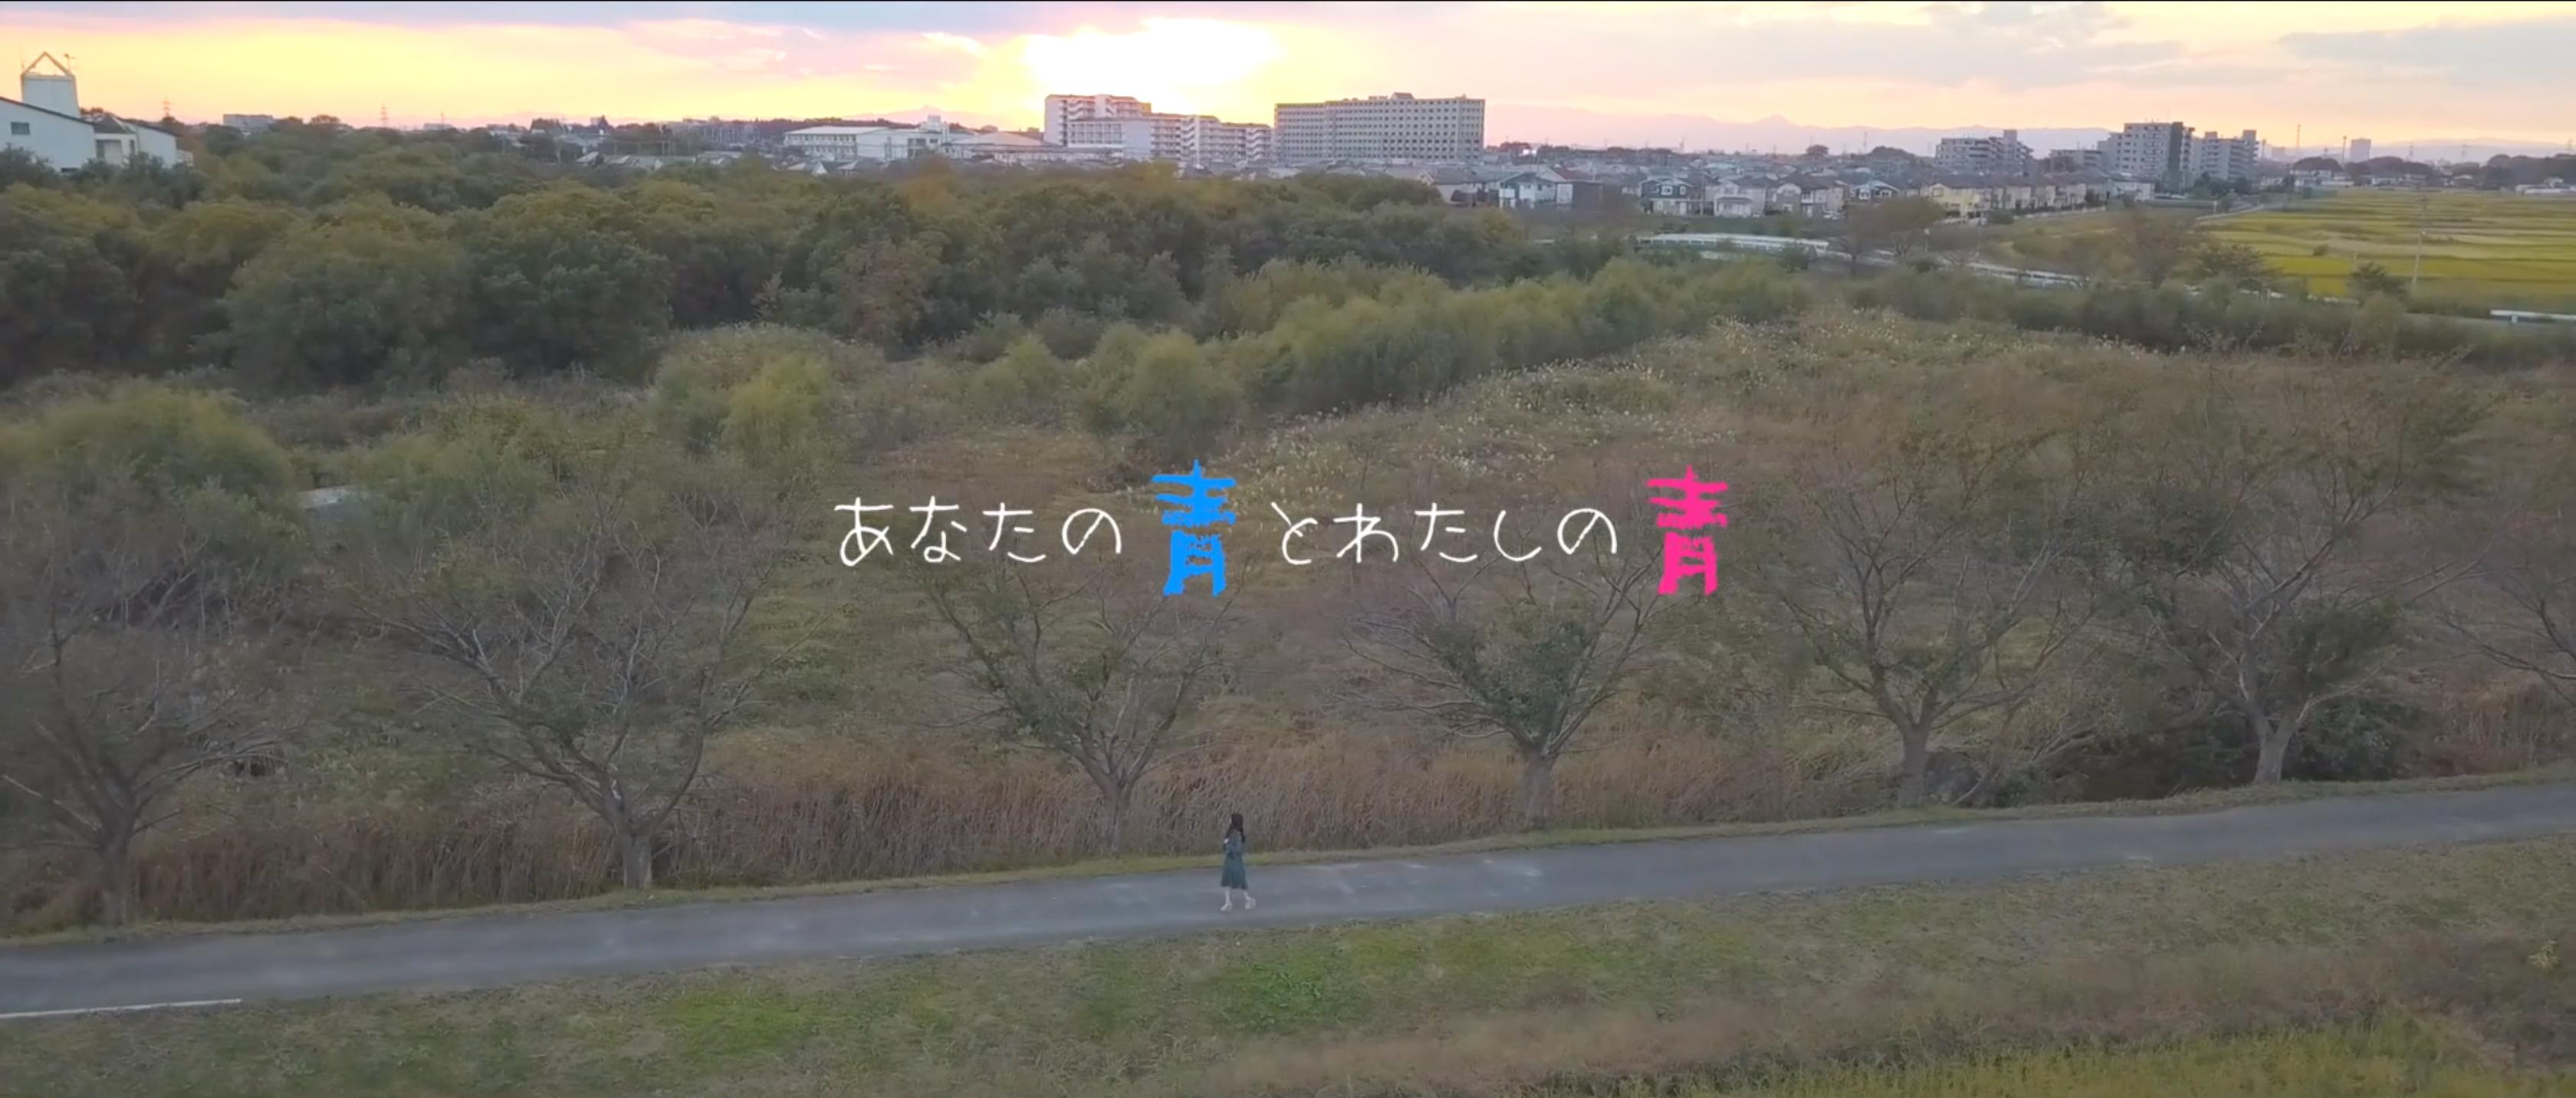 あなたの青とわたしの青/MV by Takakura